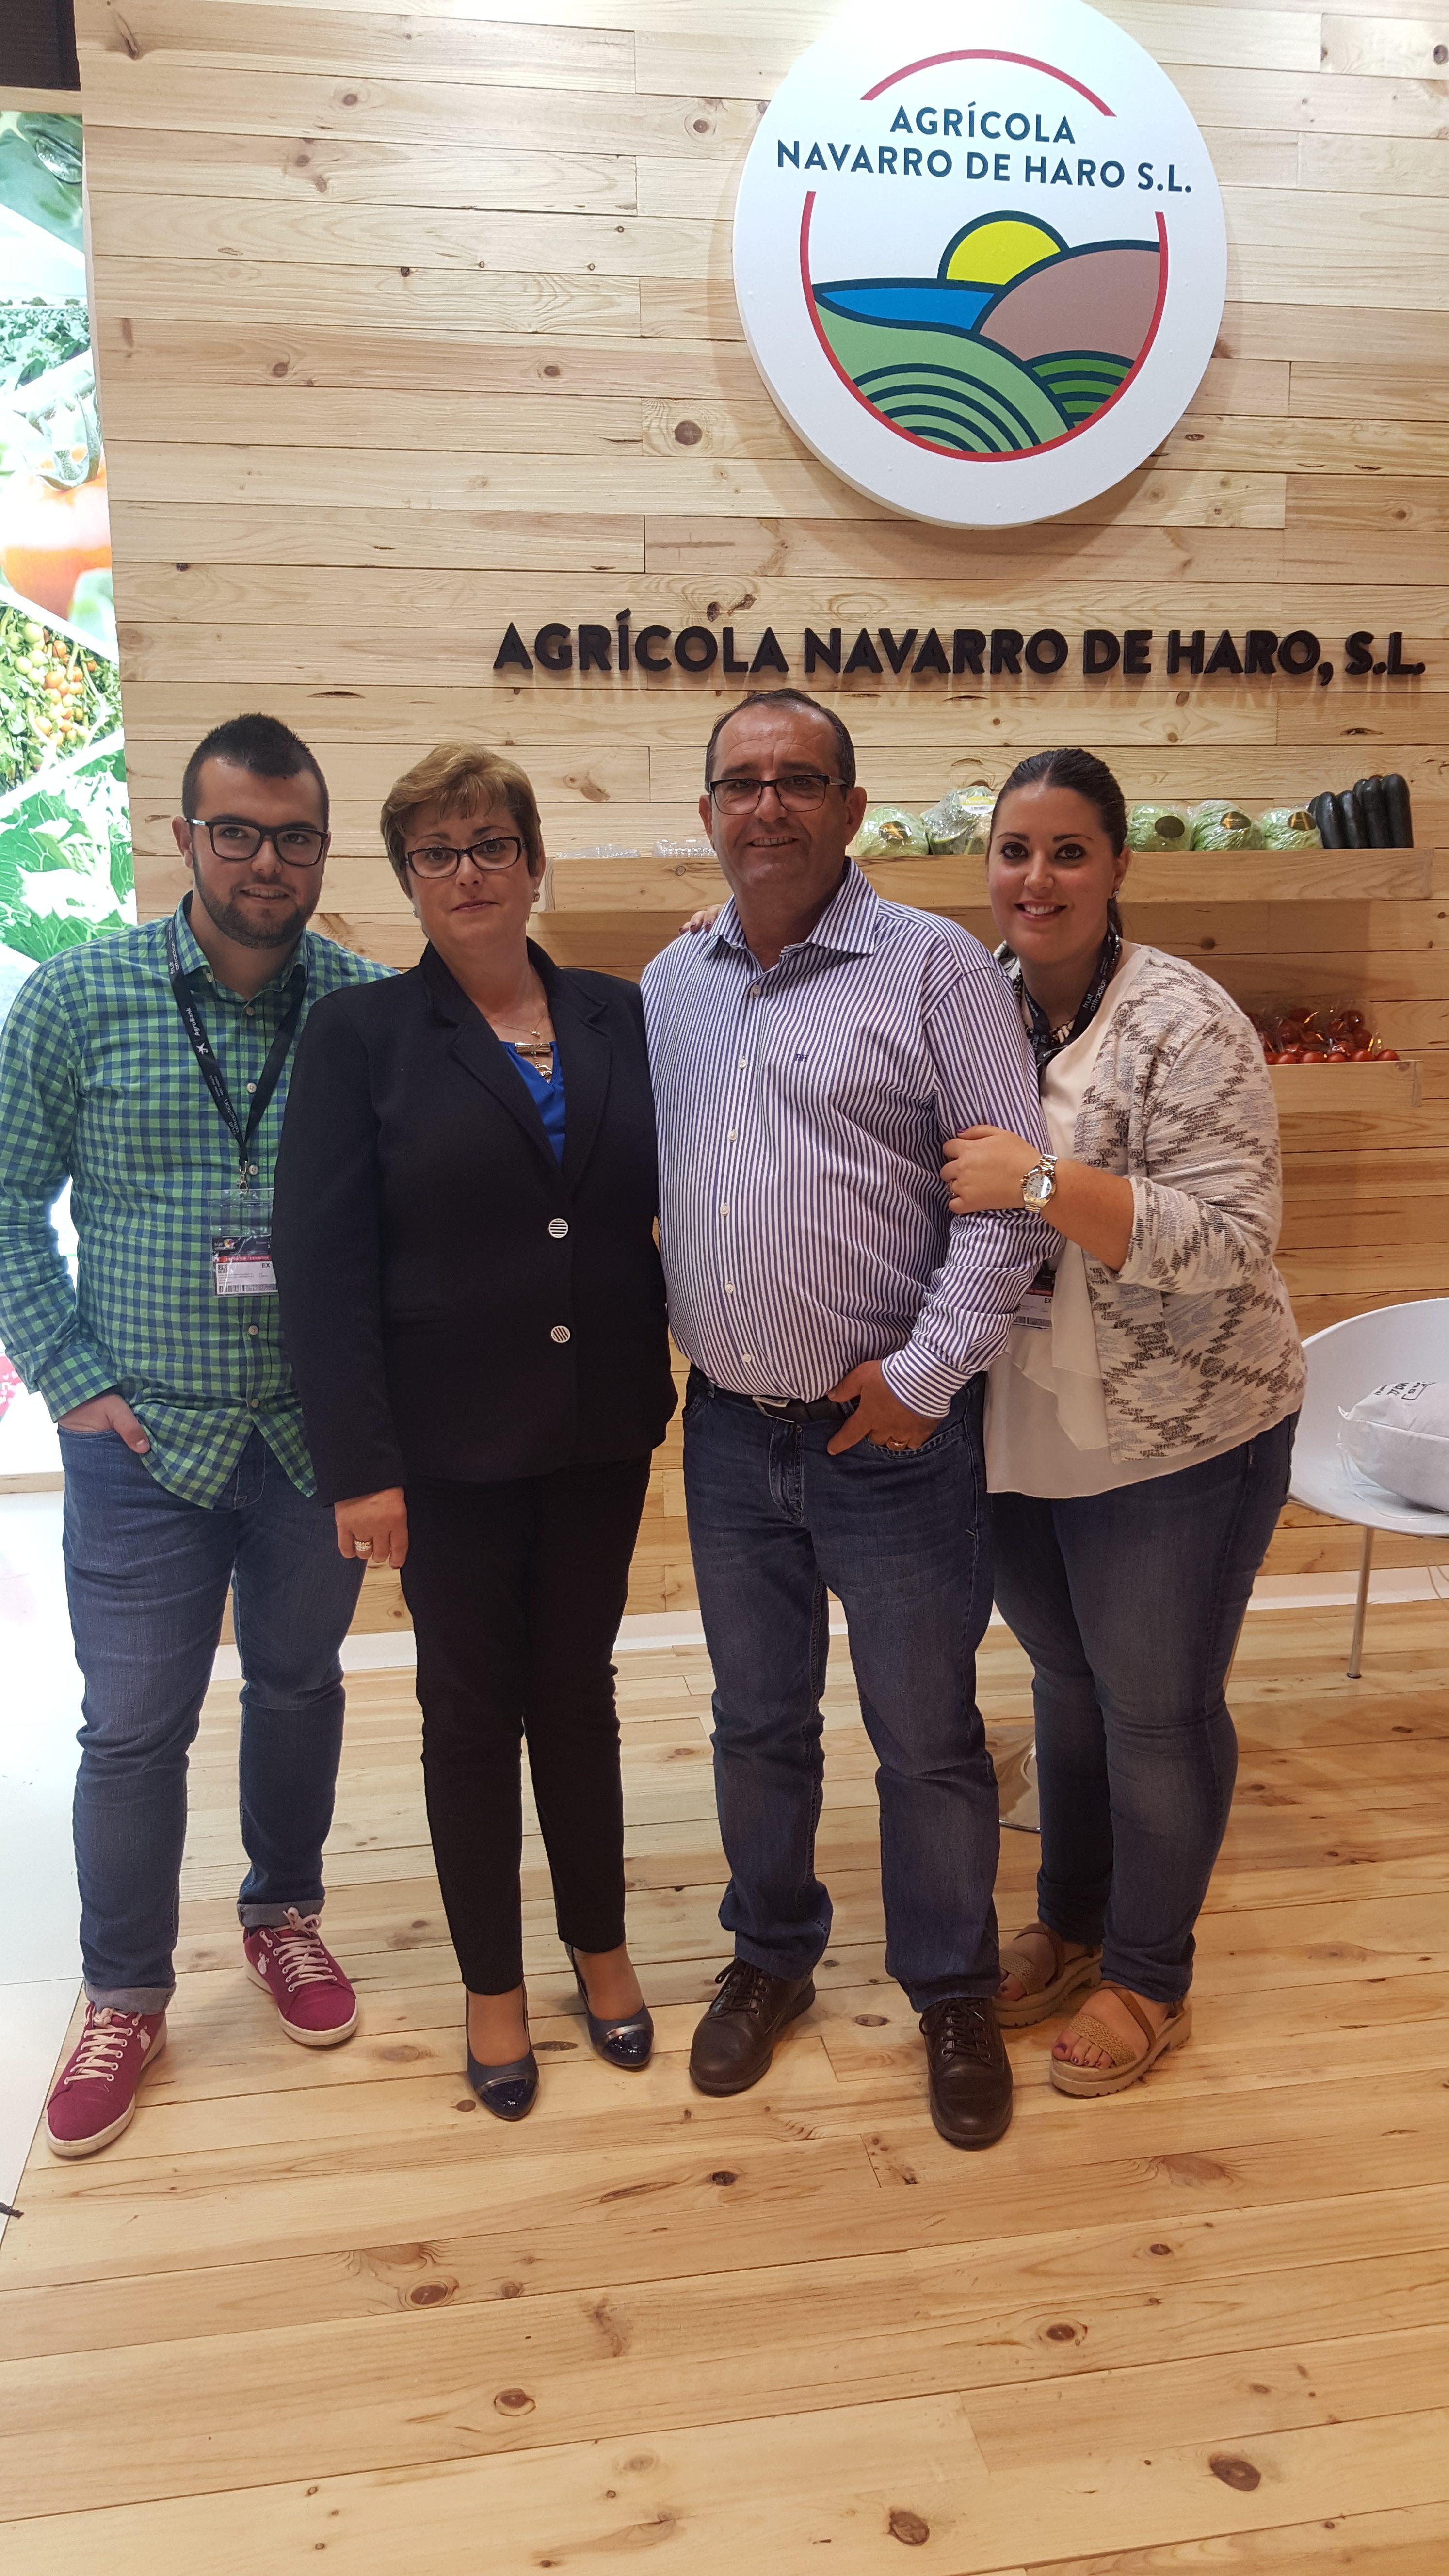 Familia Navarro de Haro